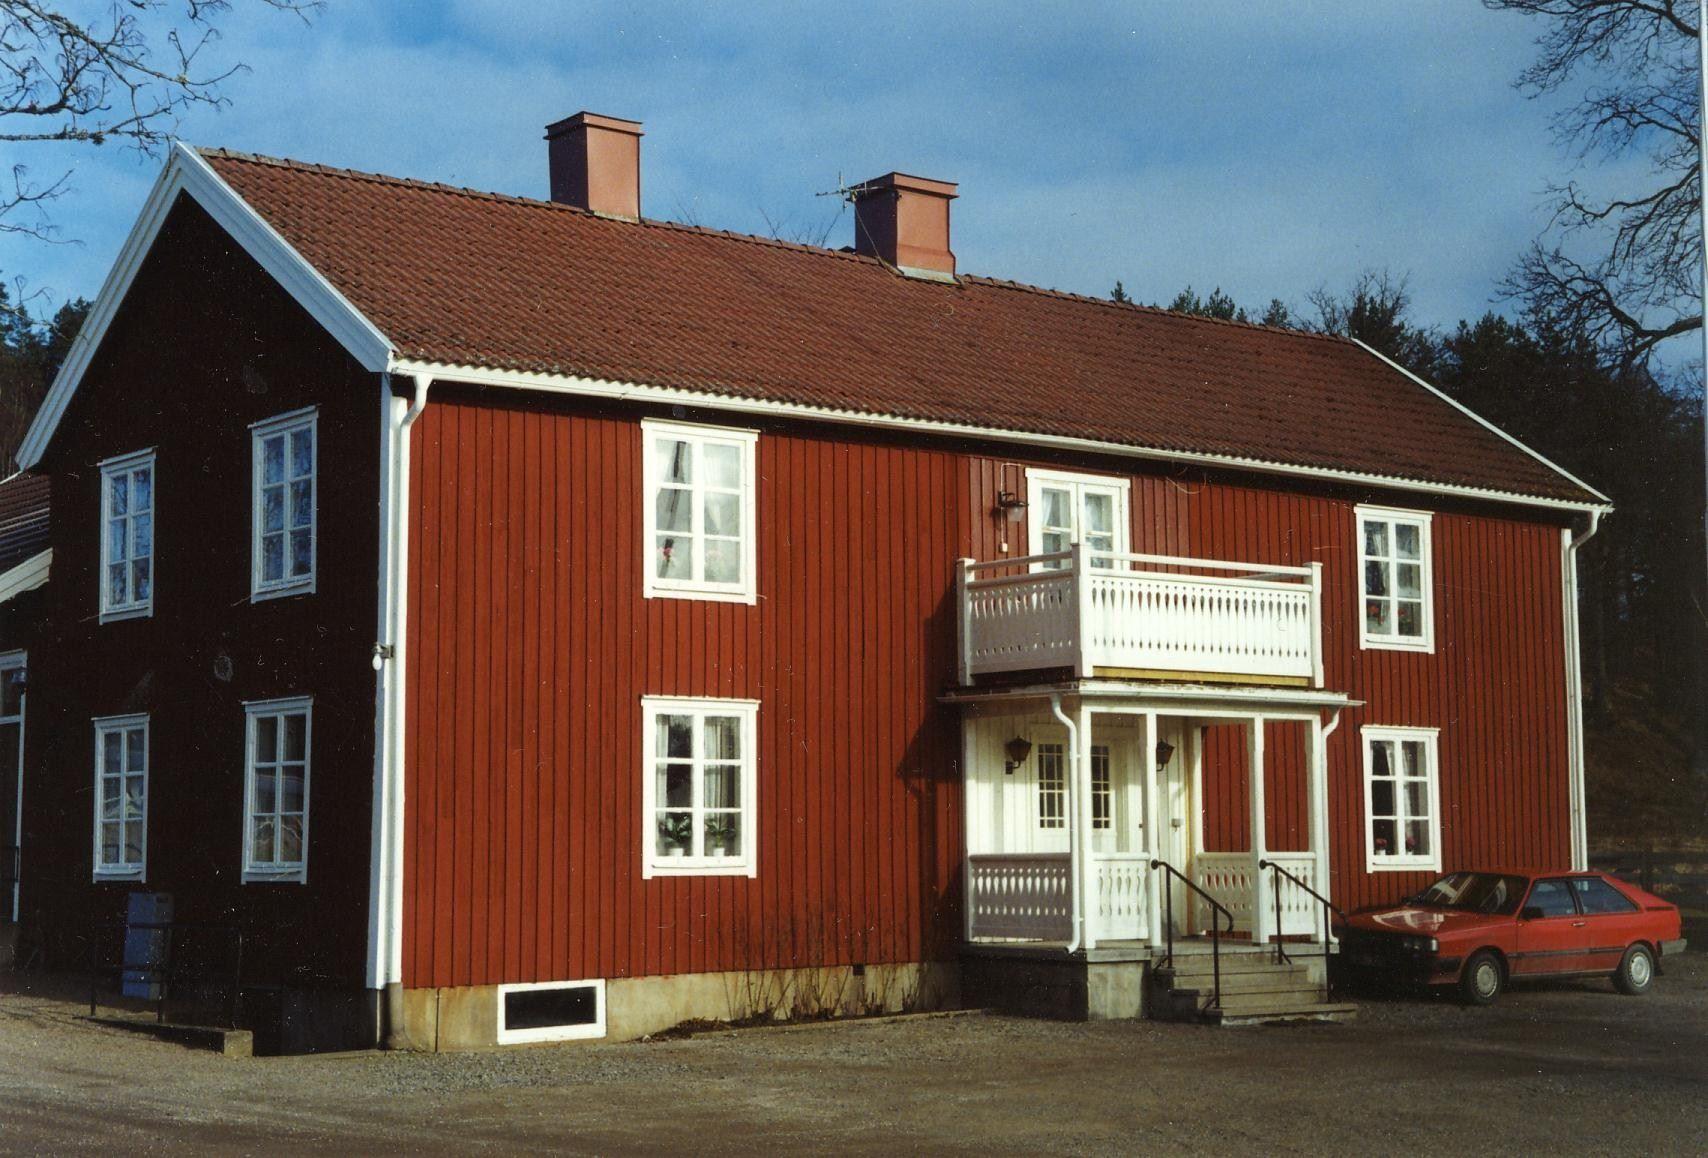 Föreläsning i Näsby